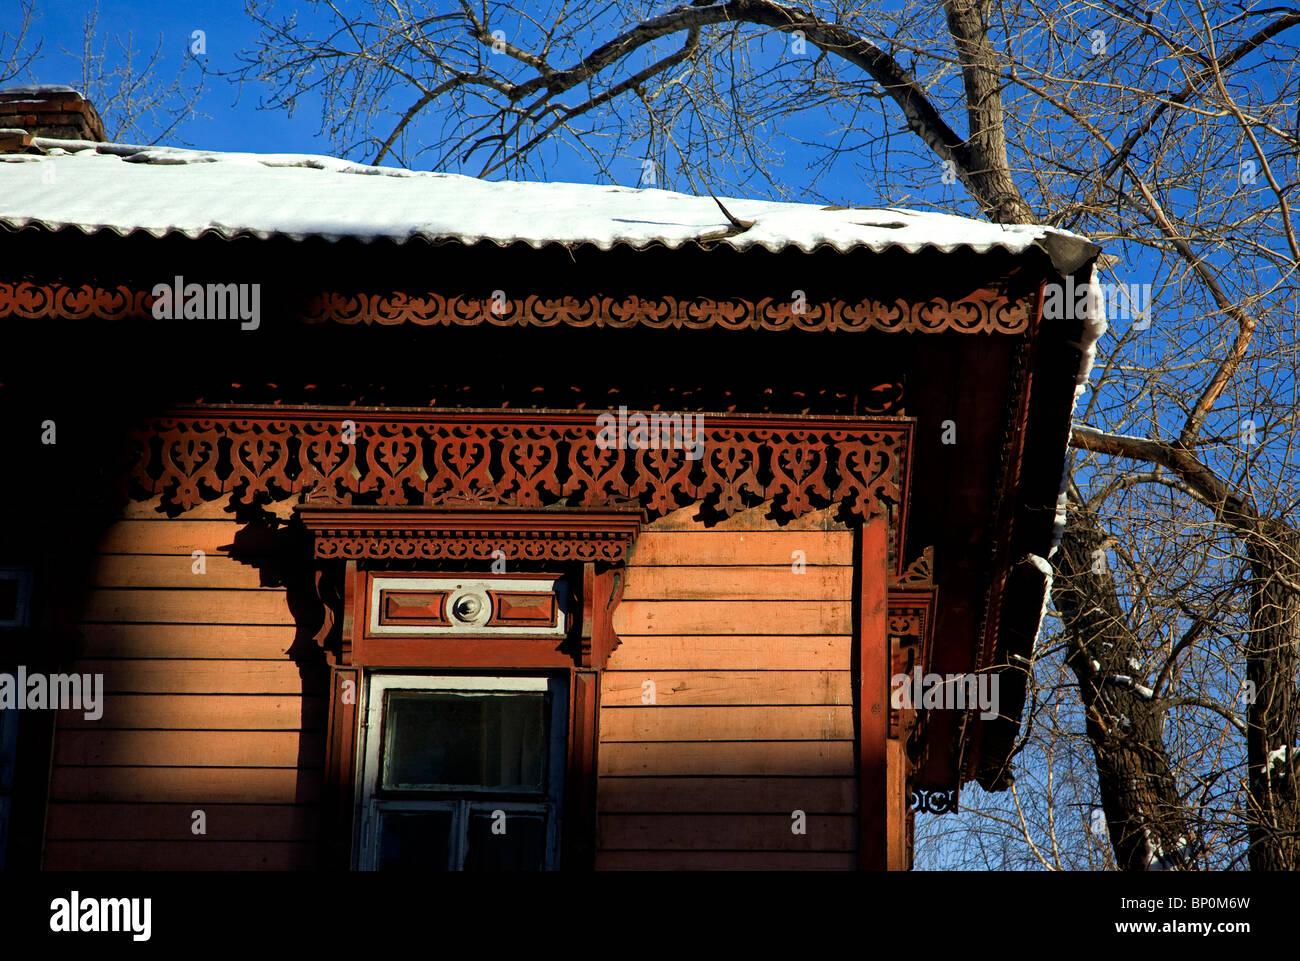 La Russie; Sibérie; Irkoutsk; un détail de l'une des autres maisons en bois construites dans le style traditionnel Banque D'Images